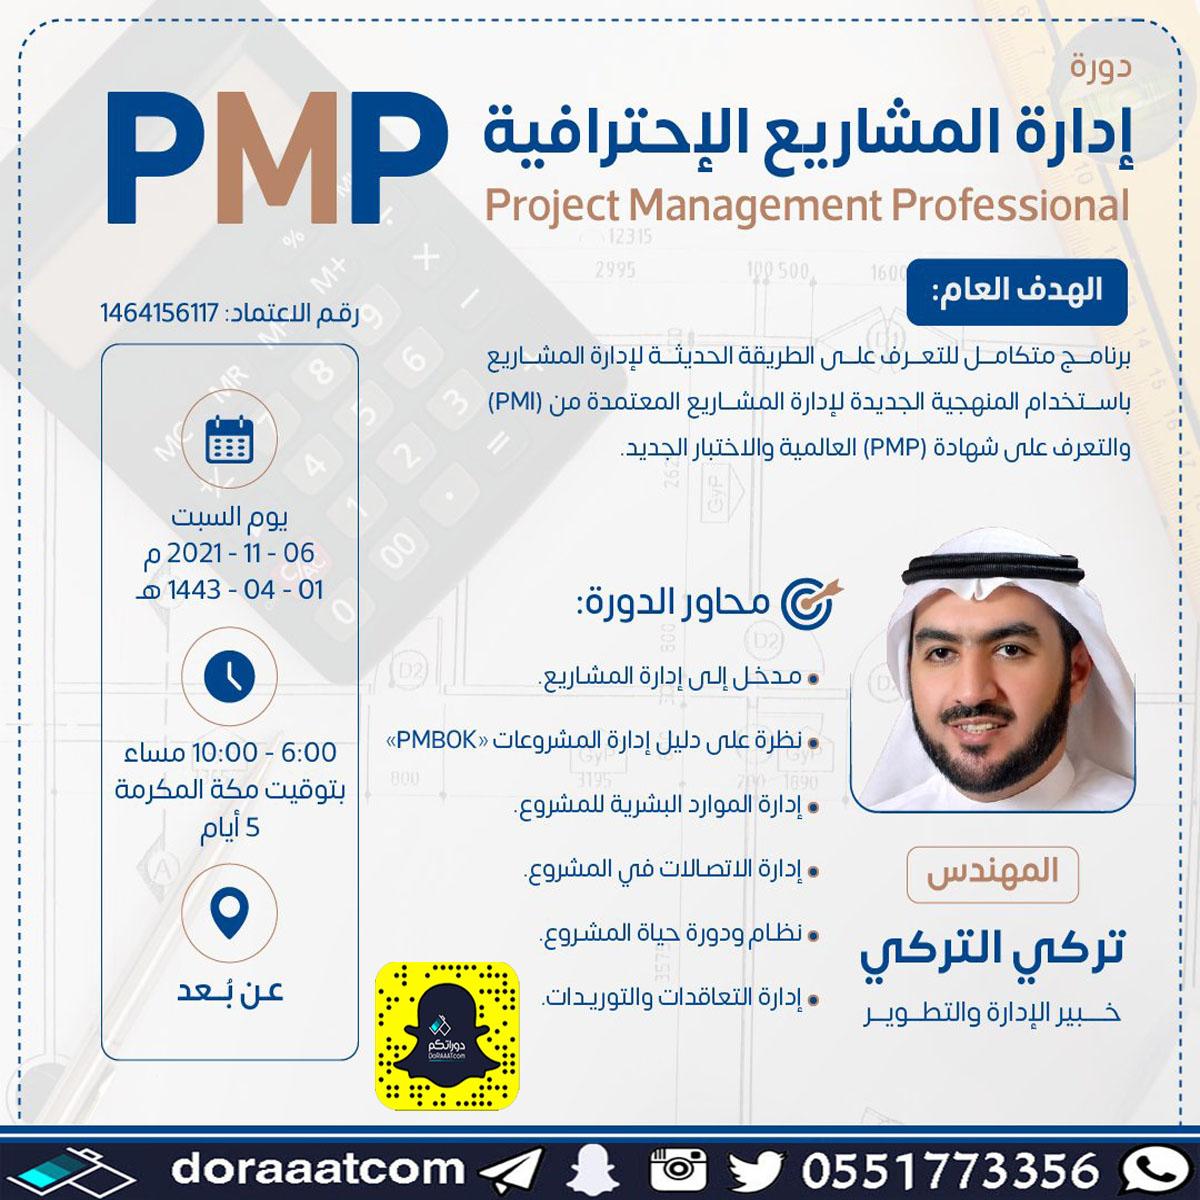 أون لاين – دورة إدارة المشاريع الاحترافية PMP